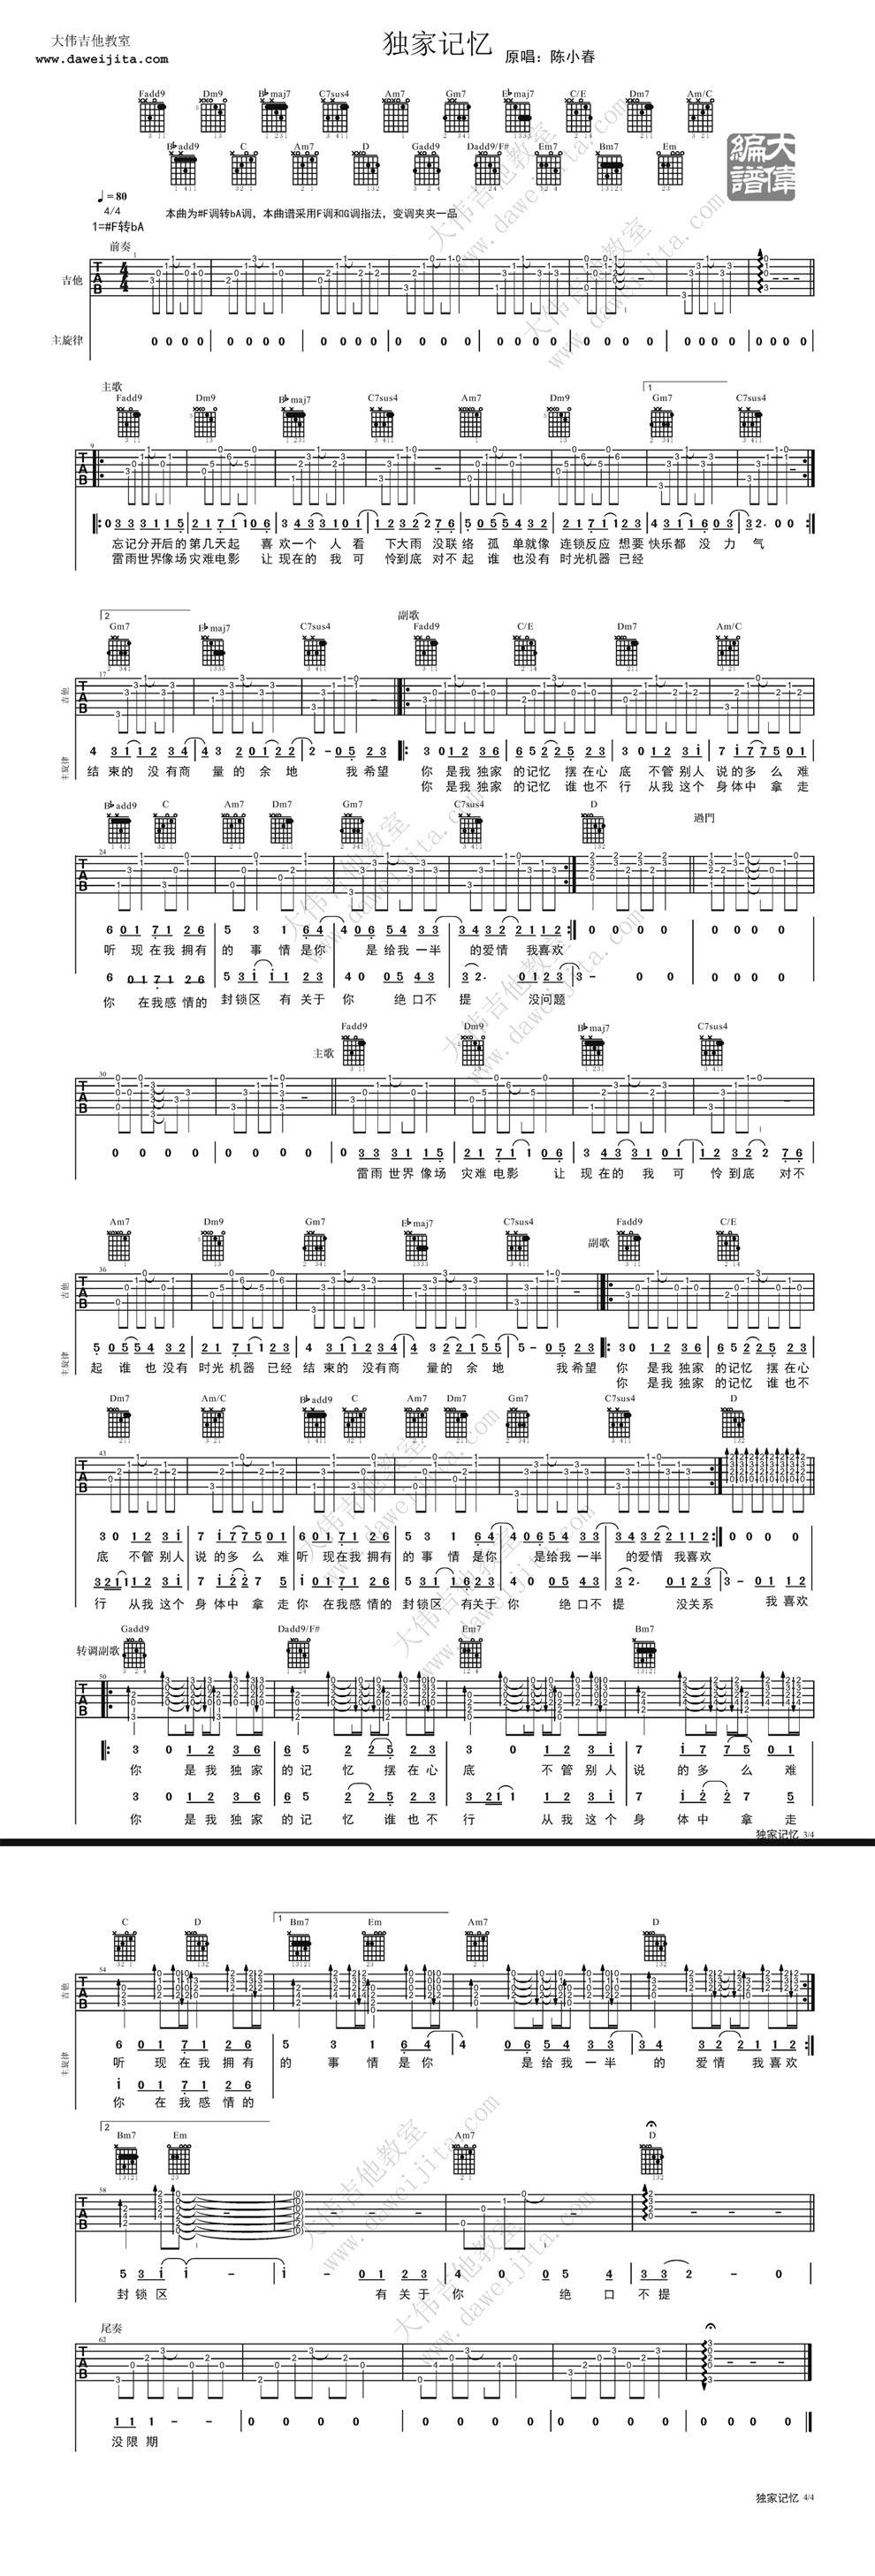 《独家记忆 大伟版吉他--,陈小春》吉他谱图片